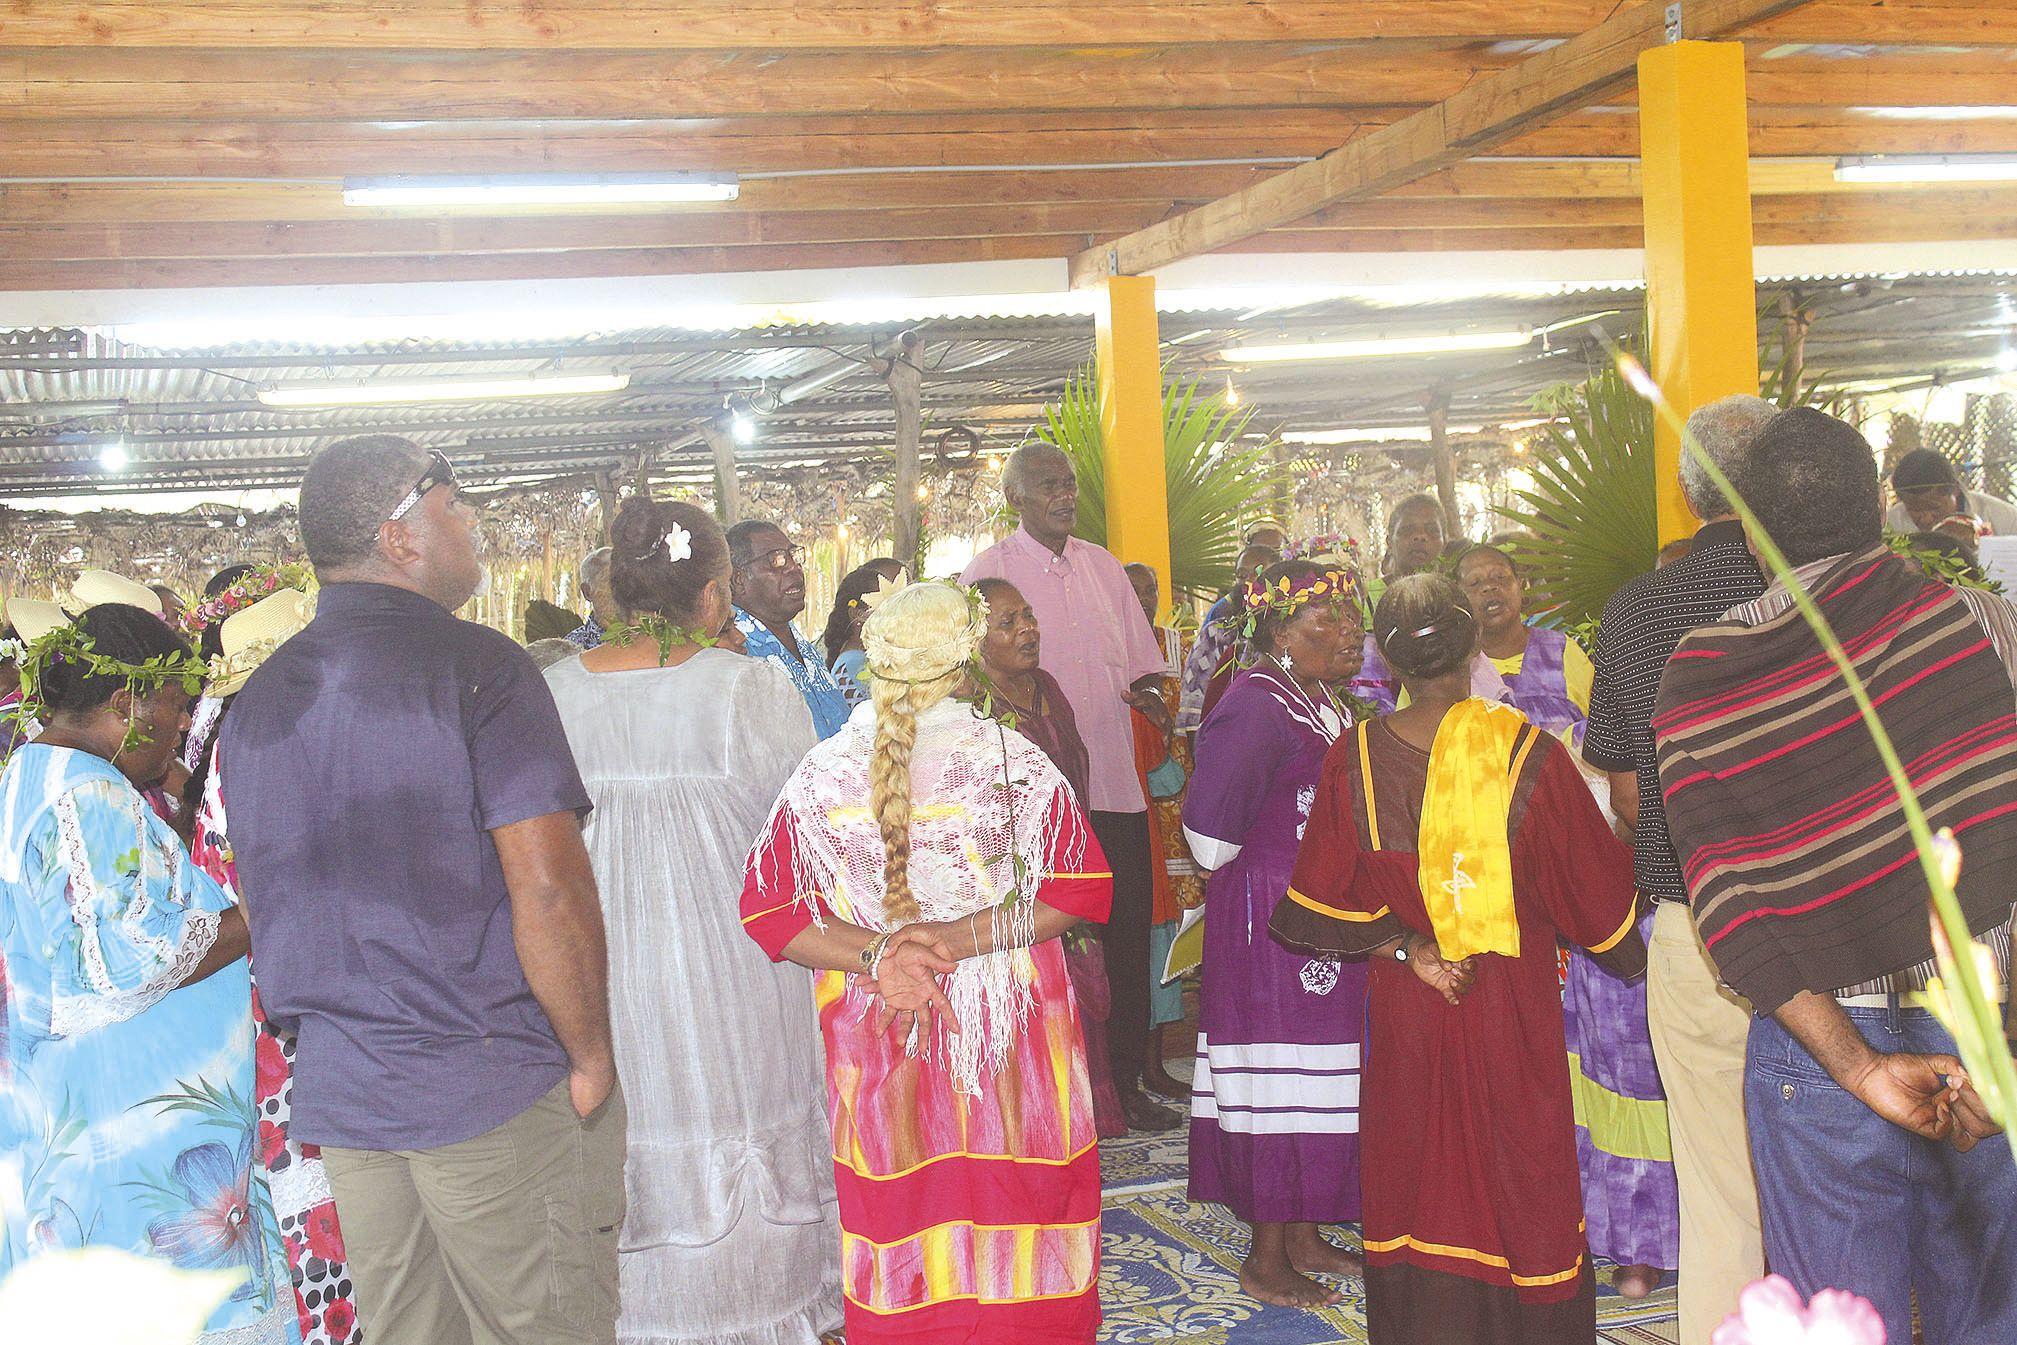 La tribu de Thuahaick s'est mobilisée pour accueillir le bureau et pour la première messe sous son préau.